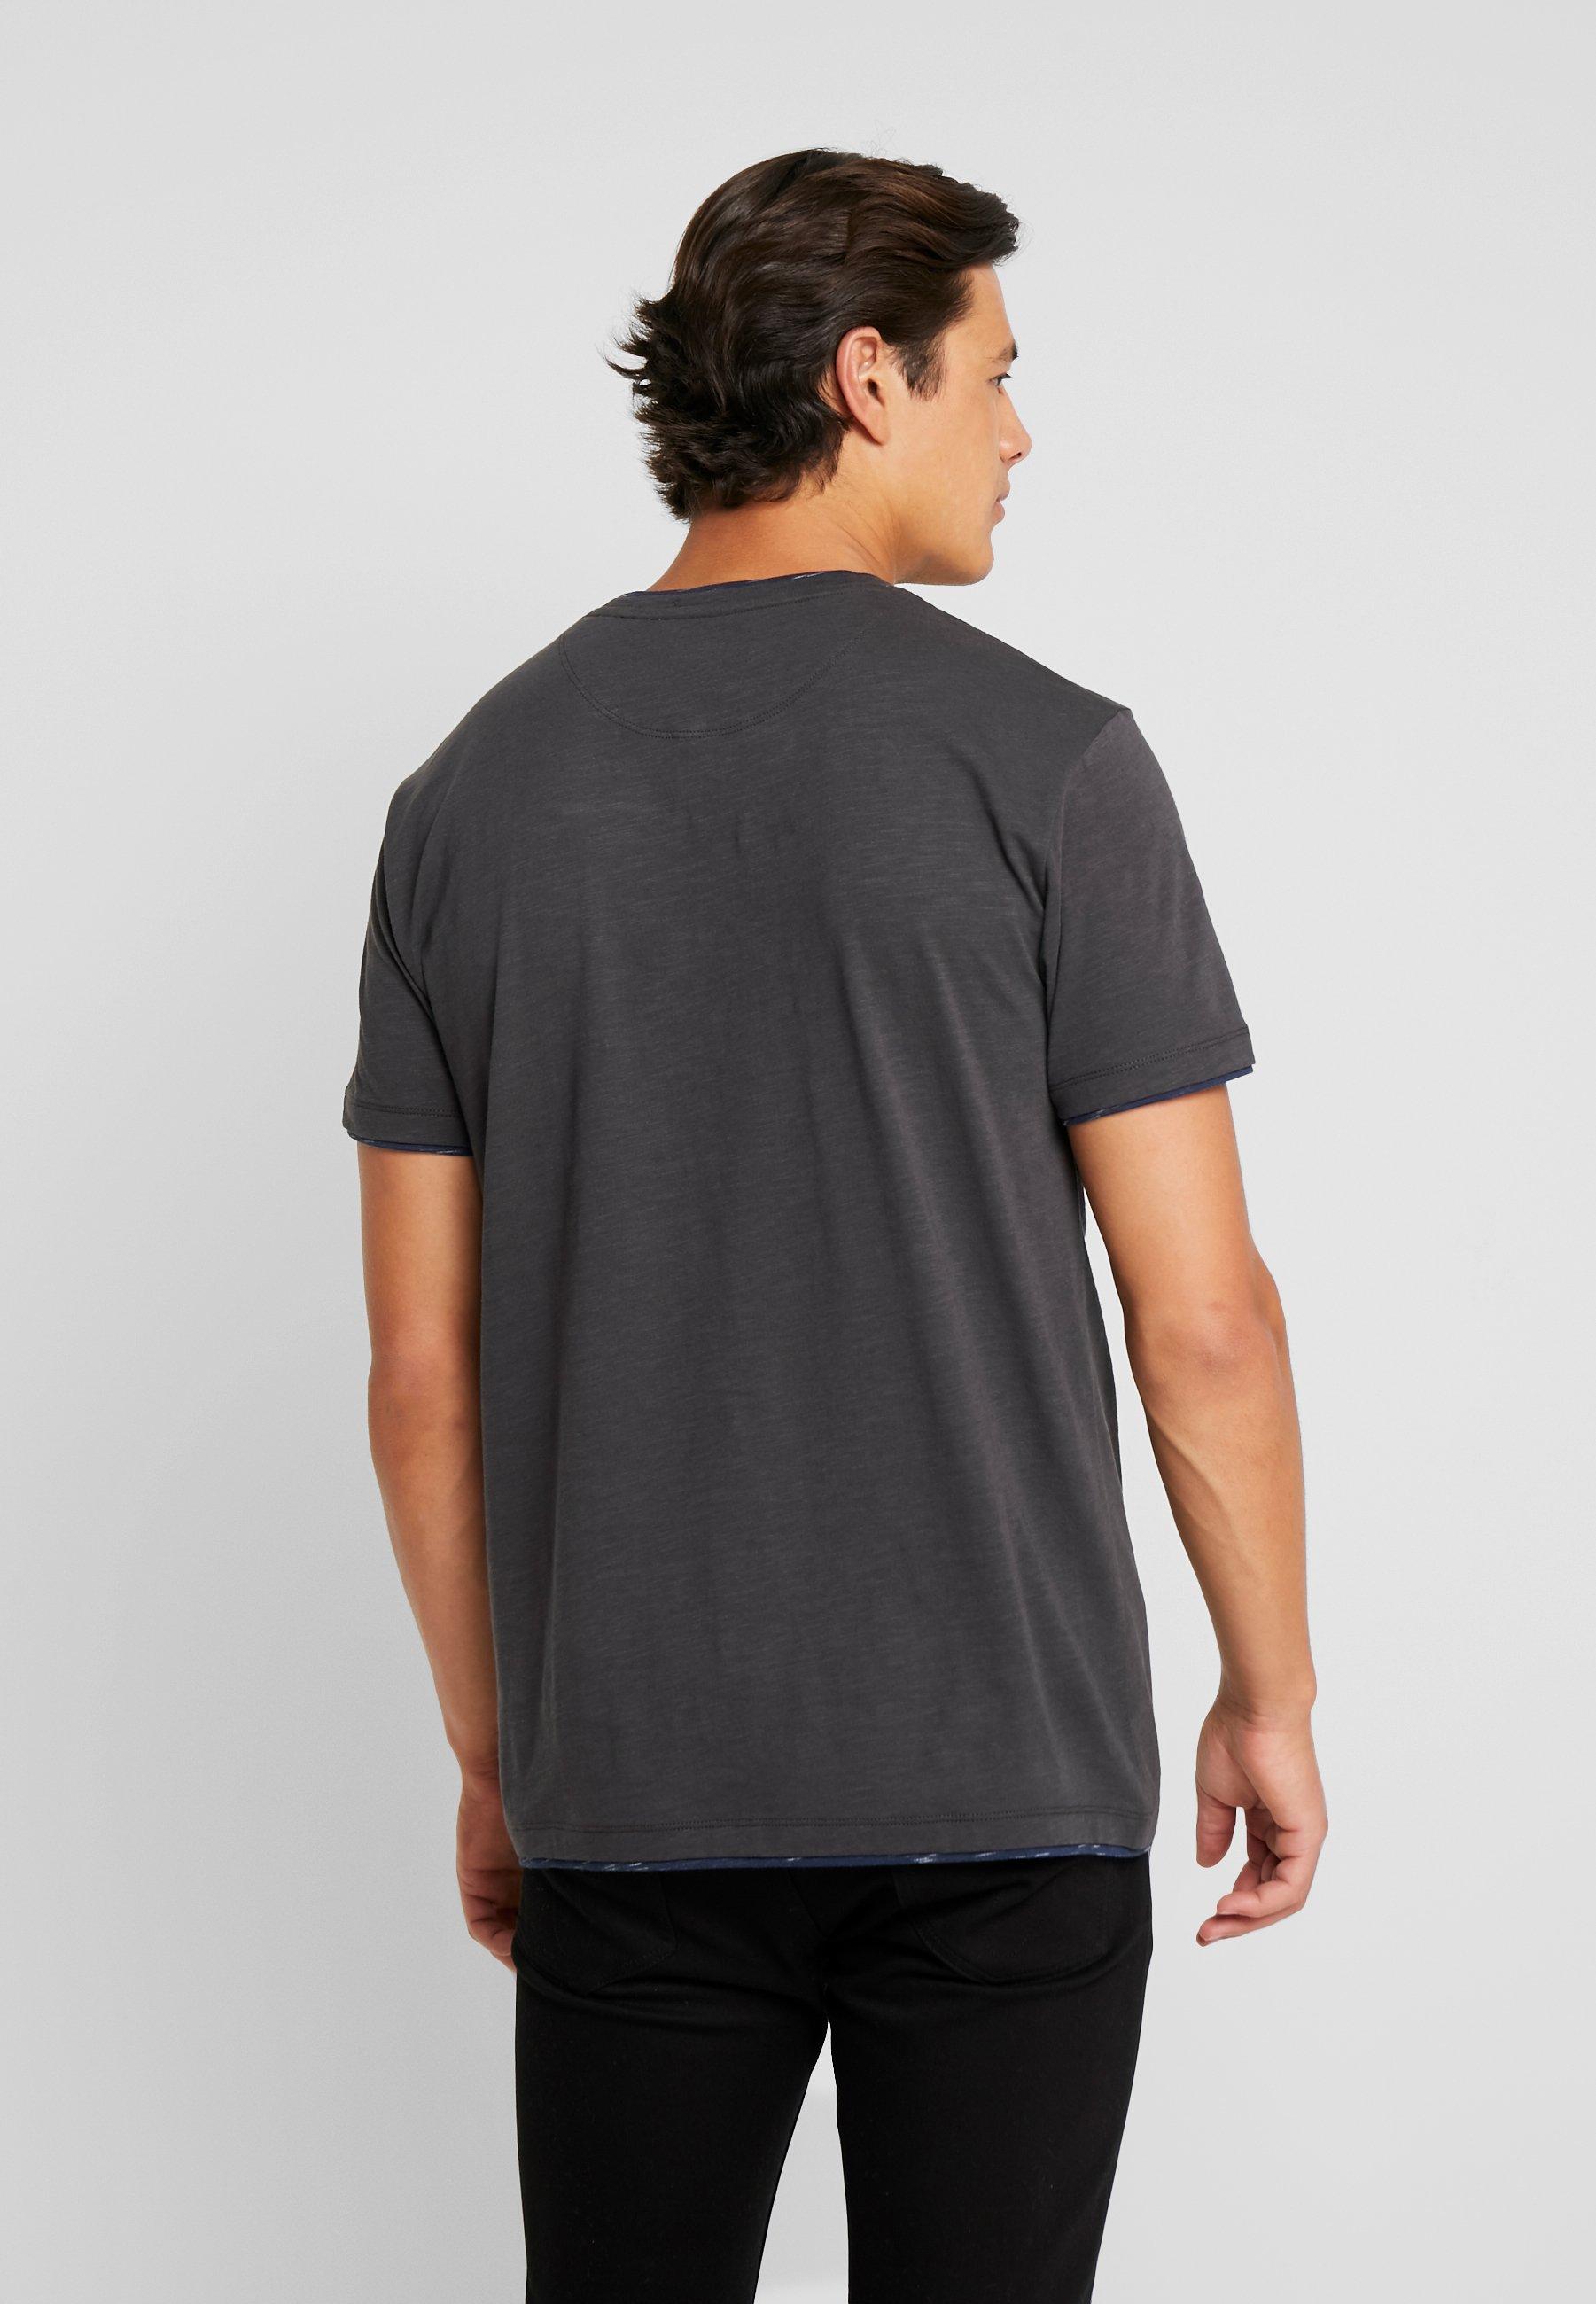 shirt shirt shirt BasiqueAnthracite shirt T Esprit T Esprit BasiqueAnthracite Esprit BasiqueAnthracite T T Esprit jc5q43RLSA